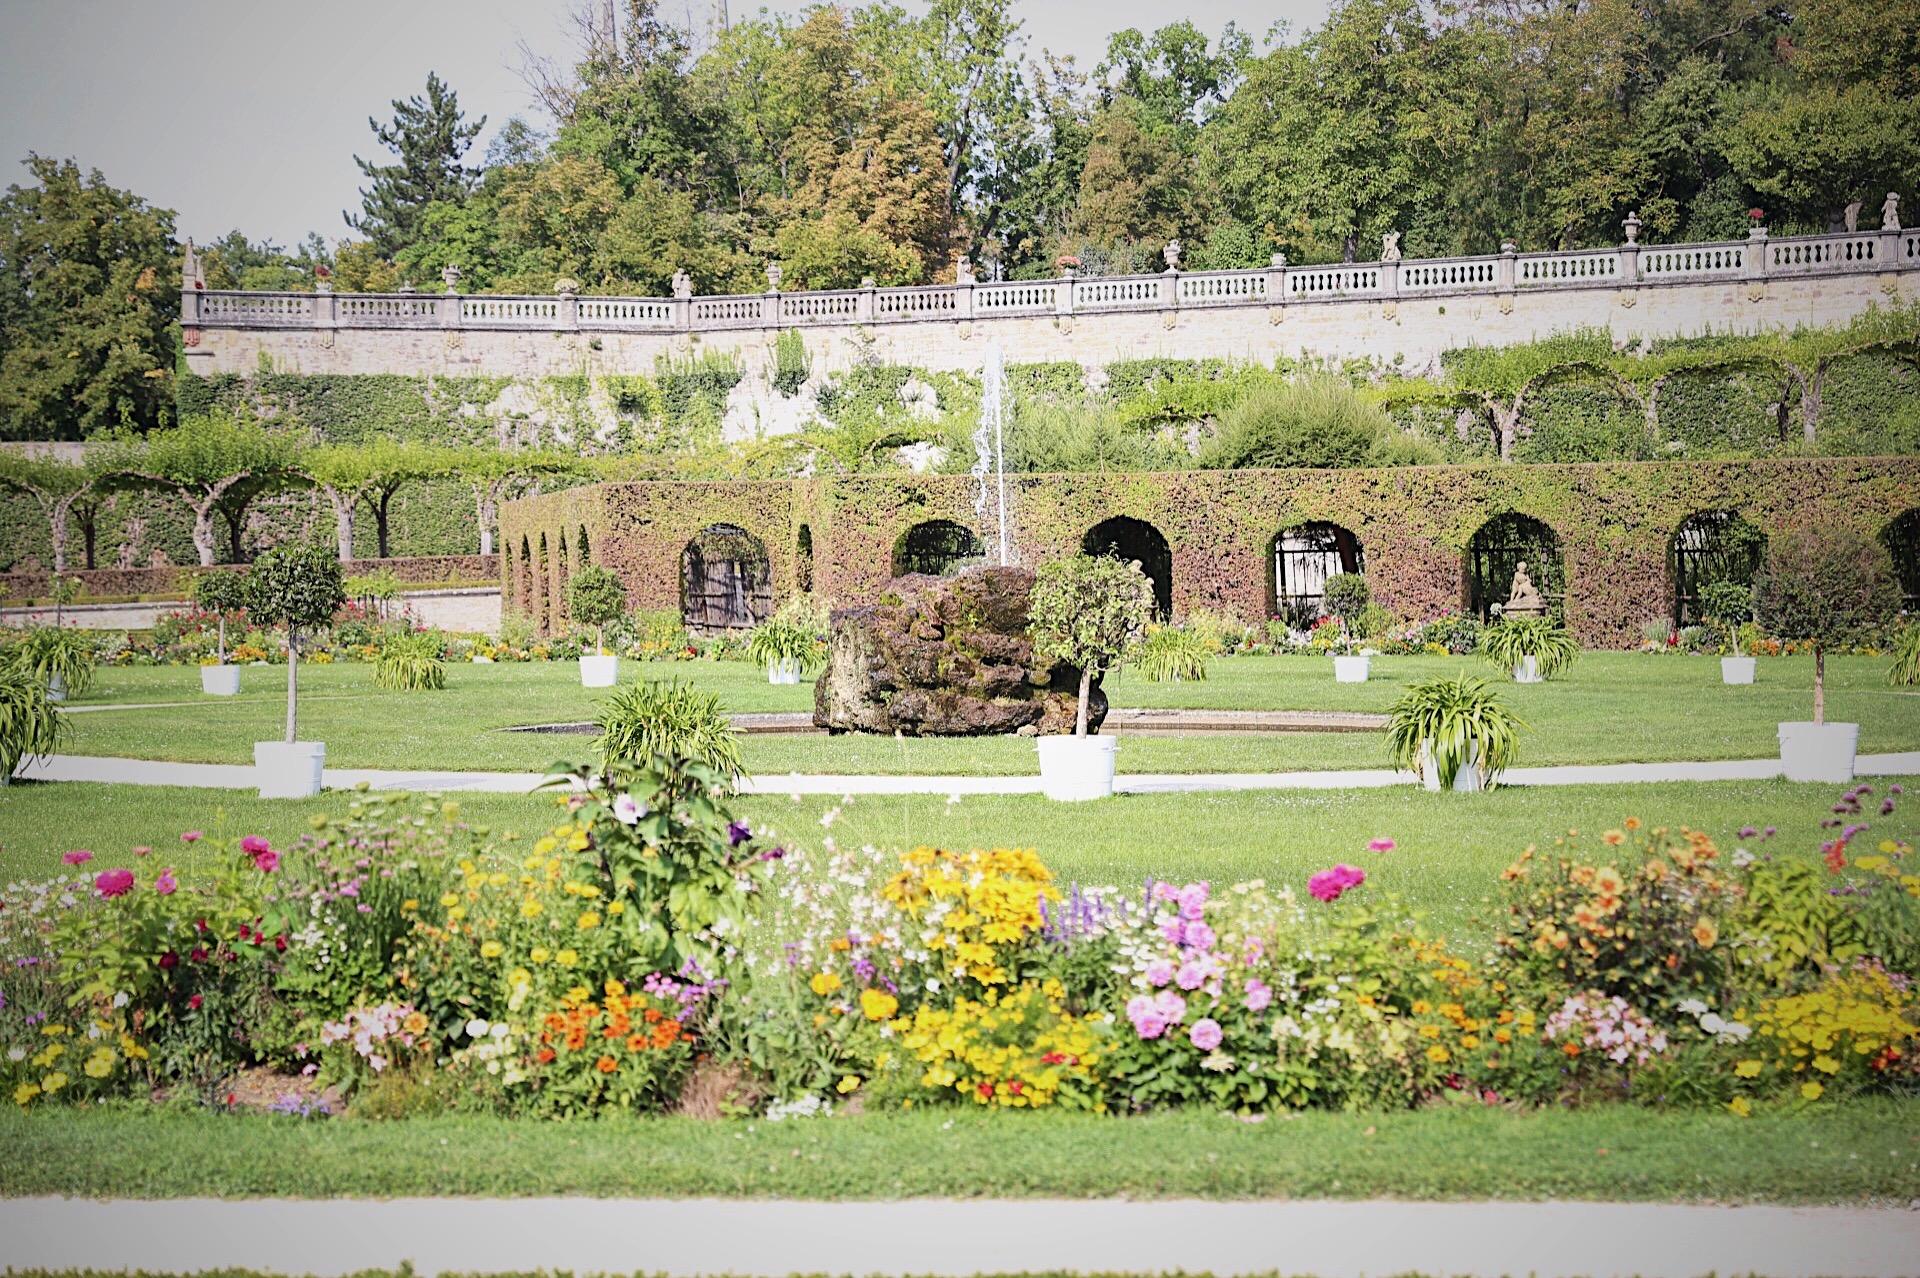 Wurzburg Residenz Gardens